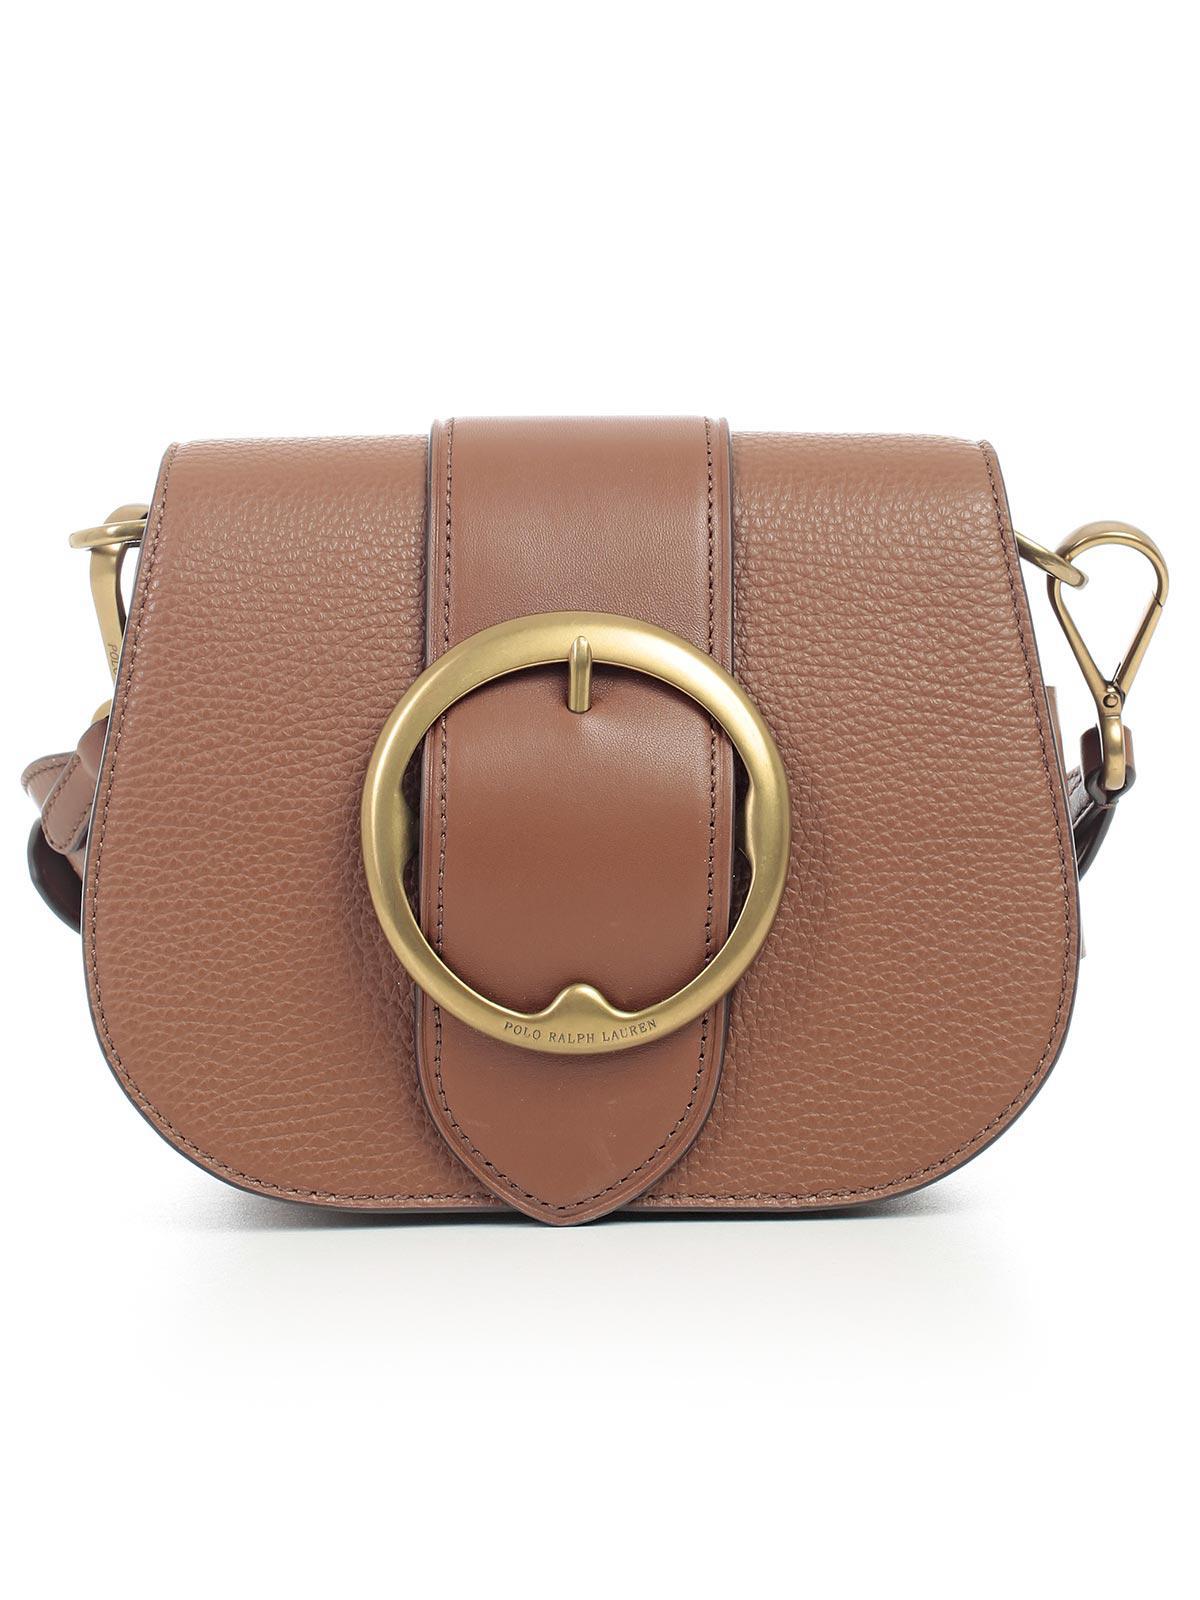 7d30b3748e ... best price polo ralph lauren borsa tracolla pelle fibbia tonda in brown  lyst 1809f 30adf